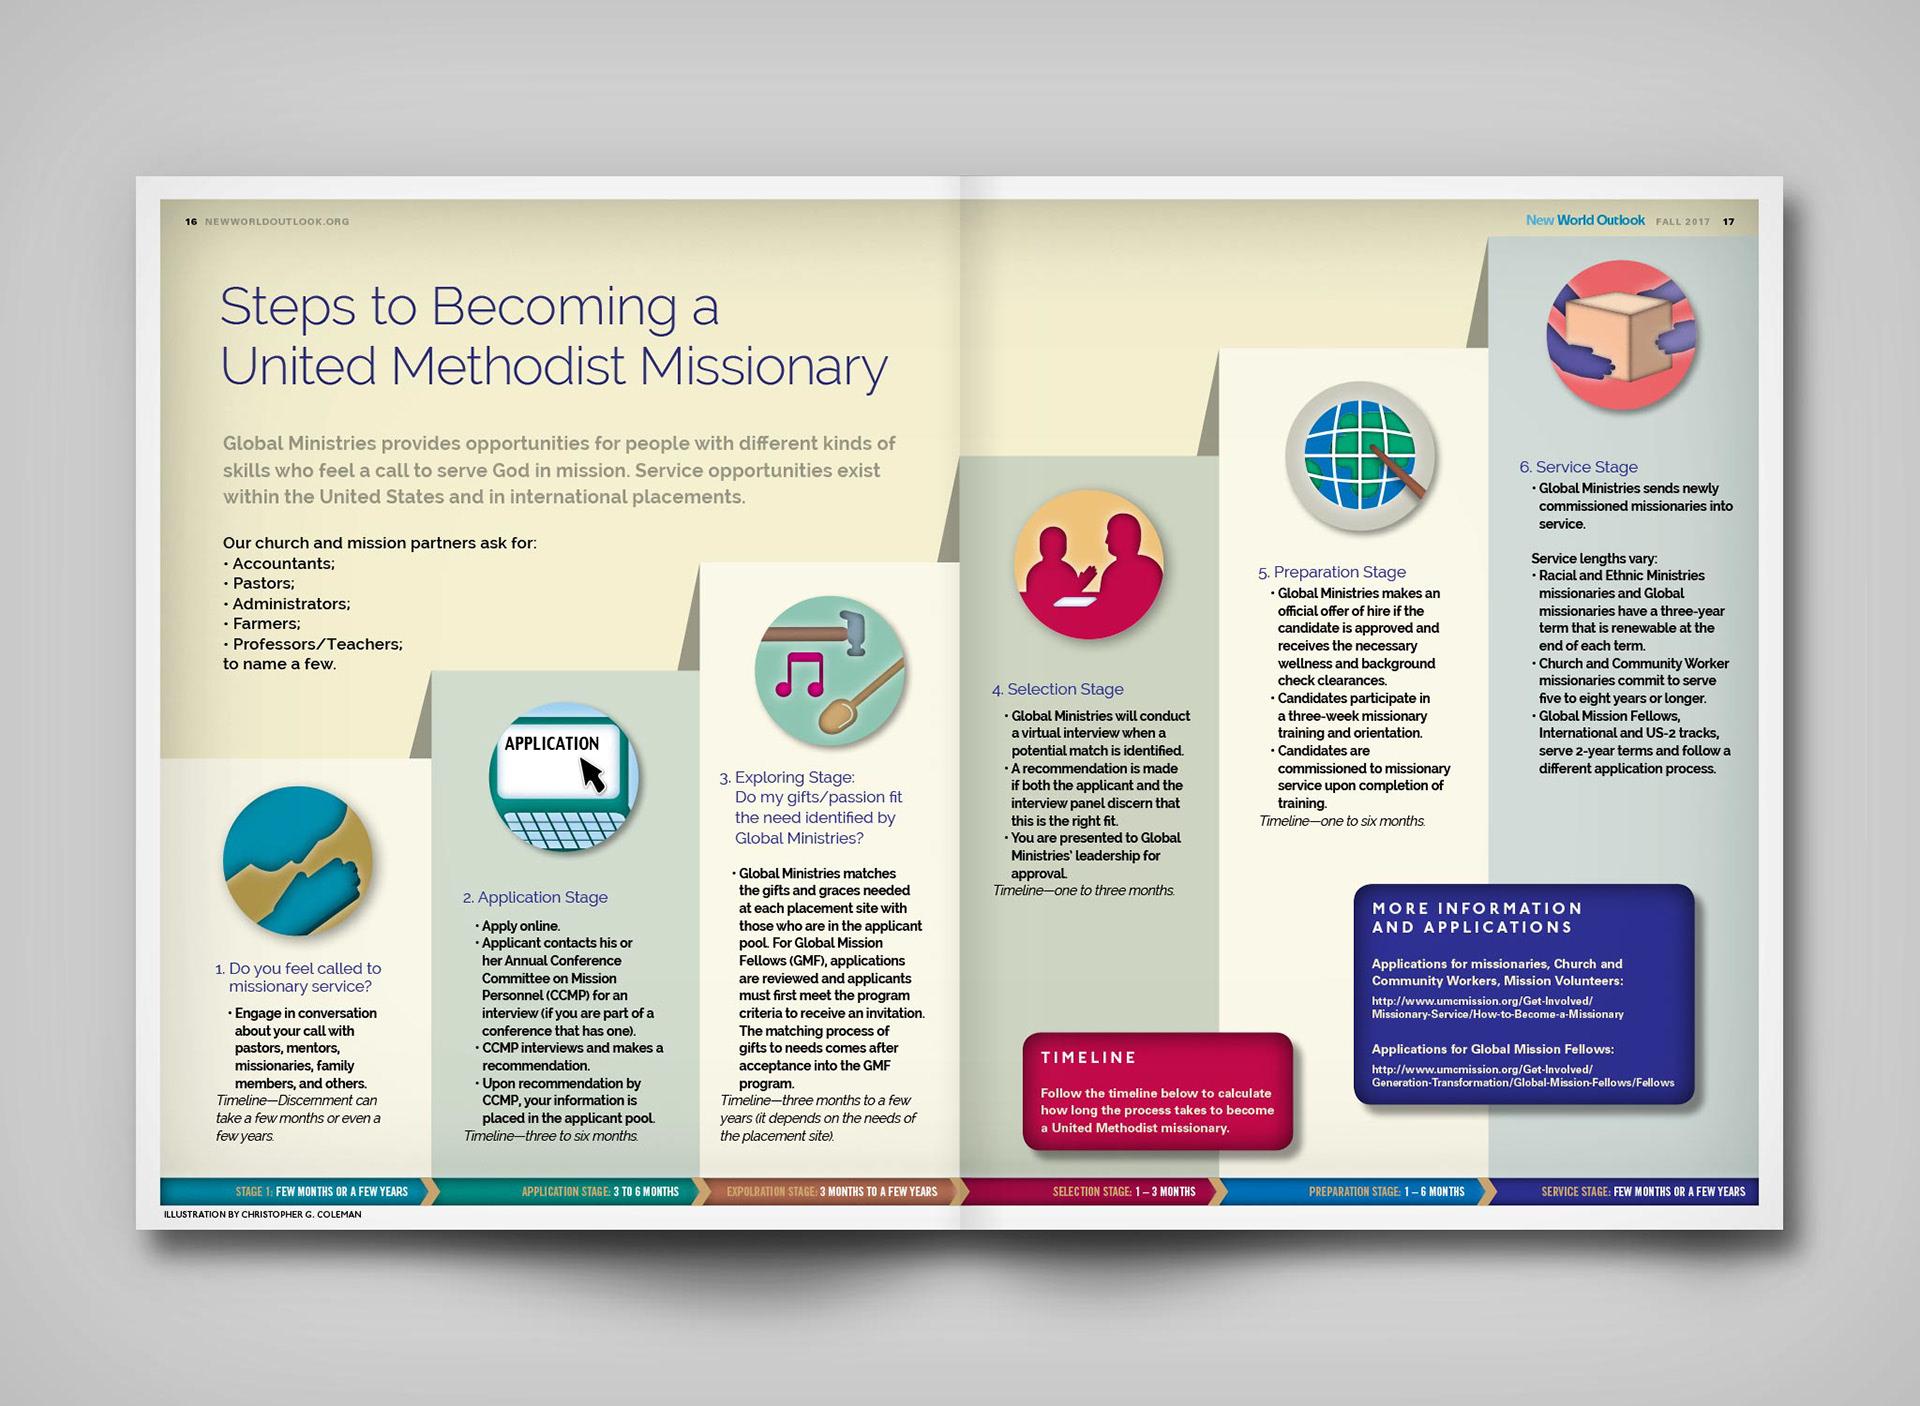 CG Coleman | Art + Design - New World Outlook Maps/Infographics